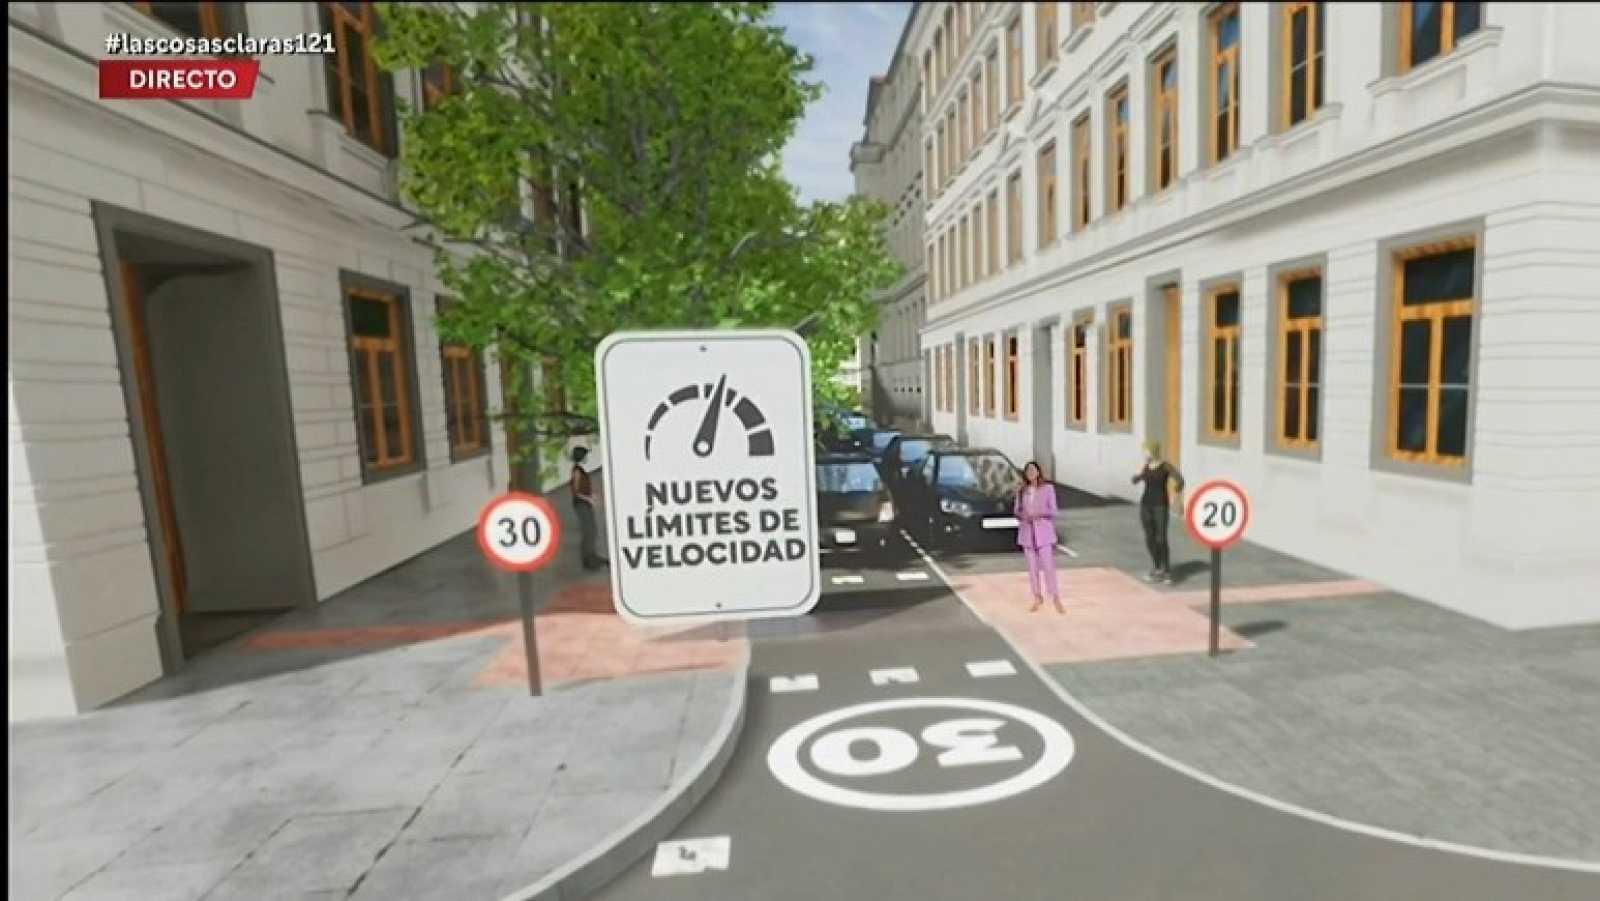 Así son los nuevos límites de velocidad en vías urbanas y las multas por infringirlos